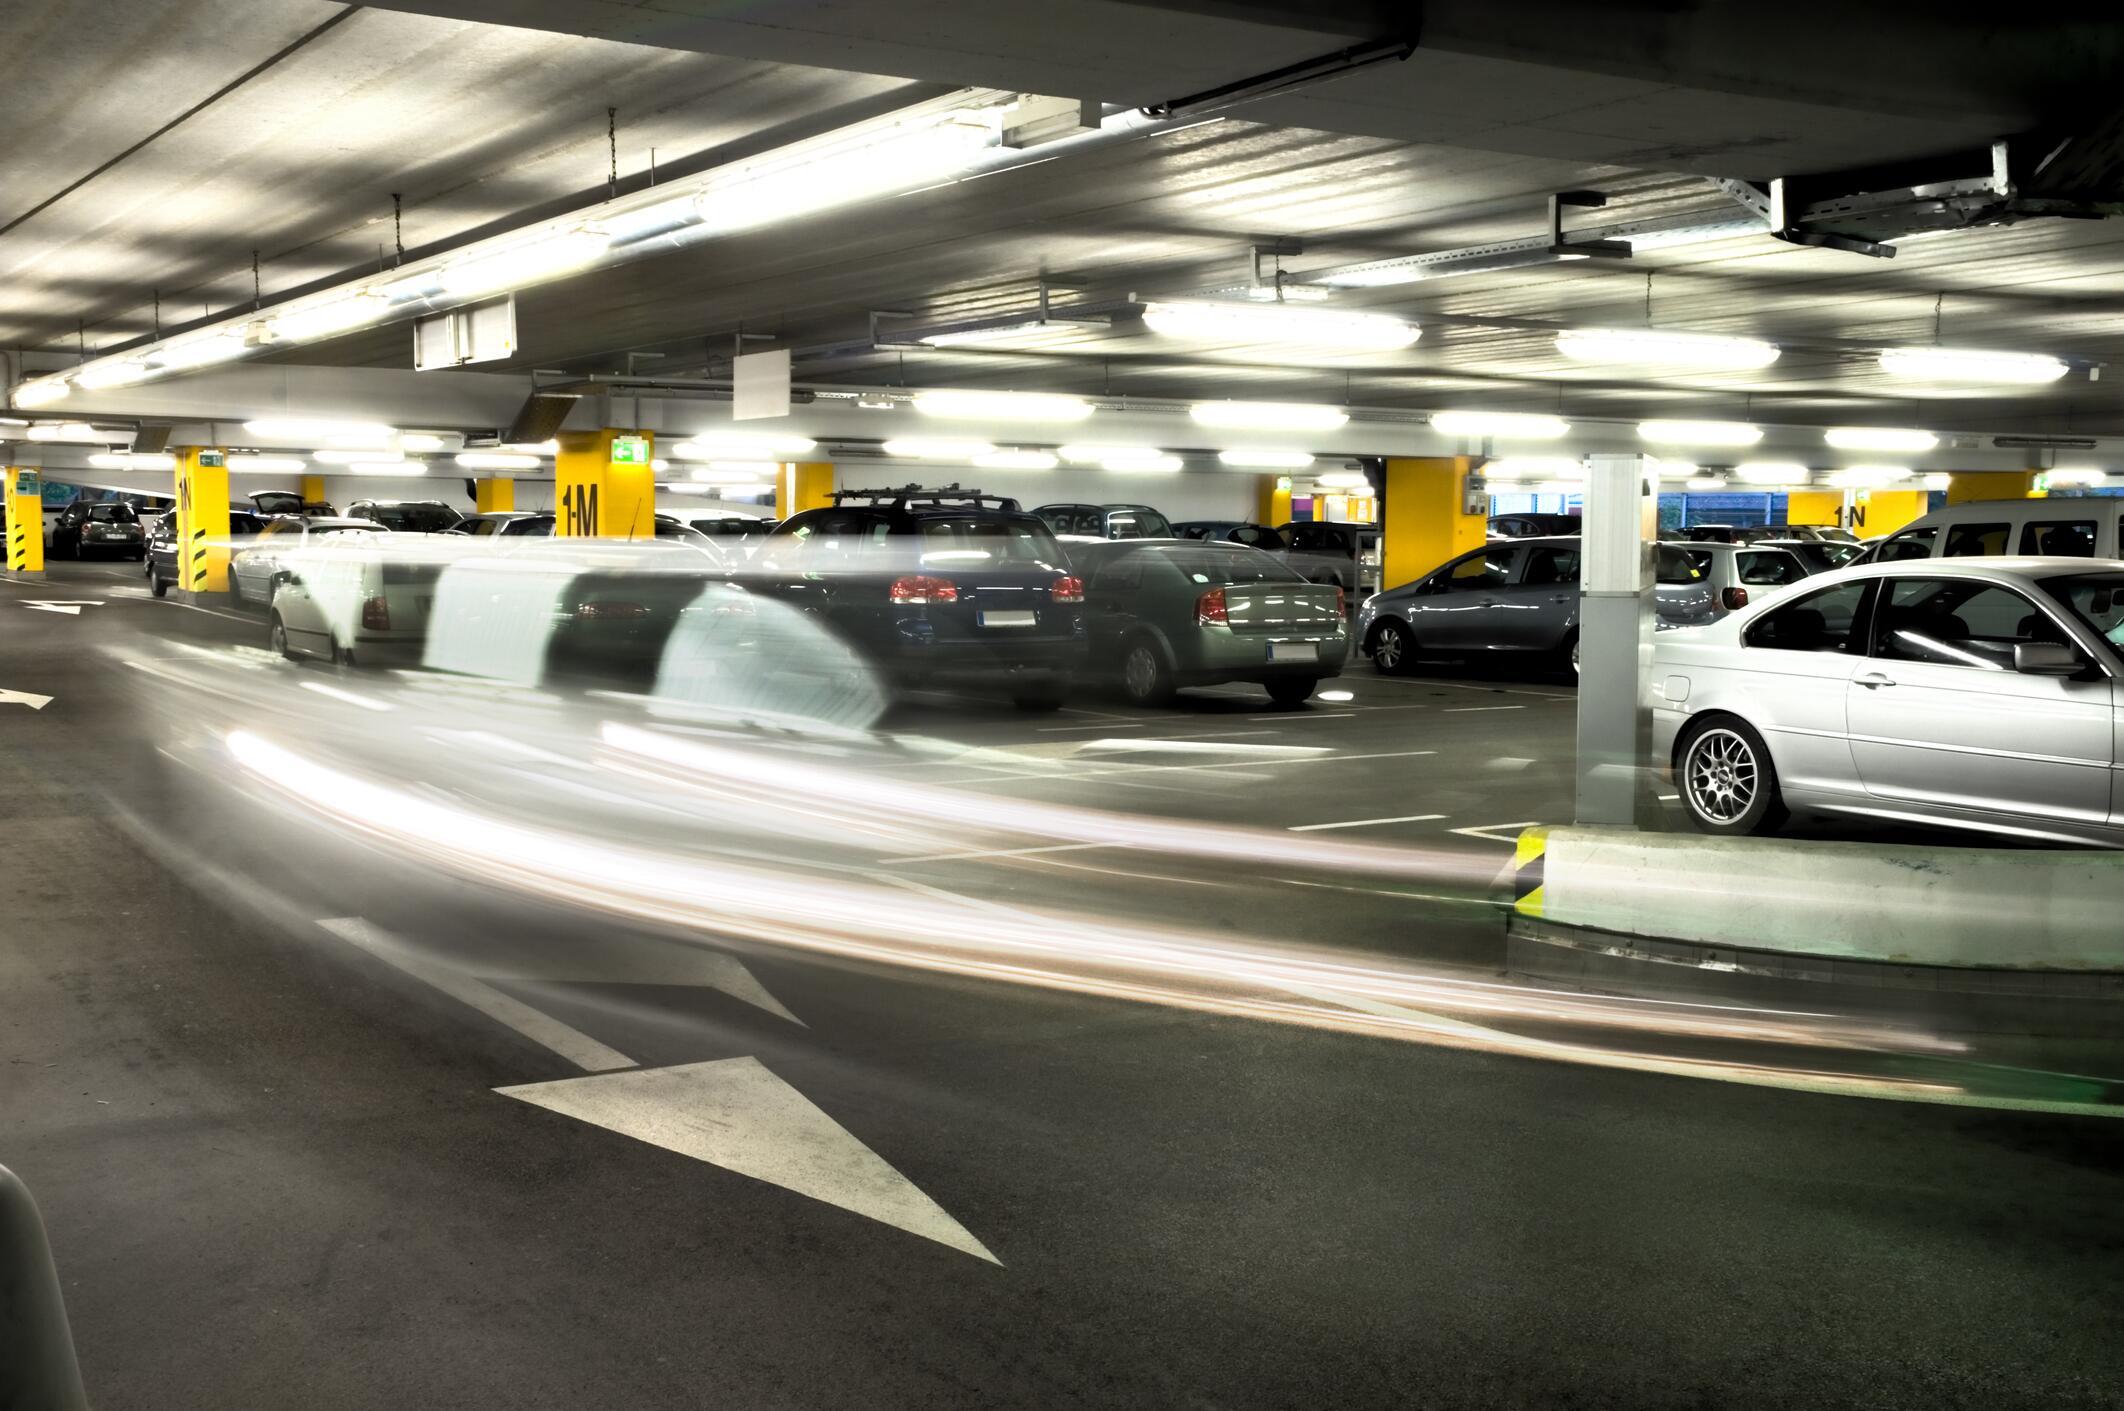 Bild zu Parkhaus, Verkehrsregeln, rechts vor links